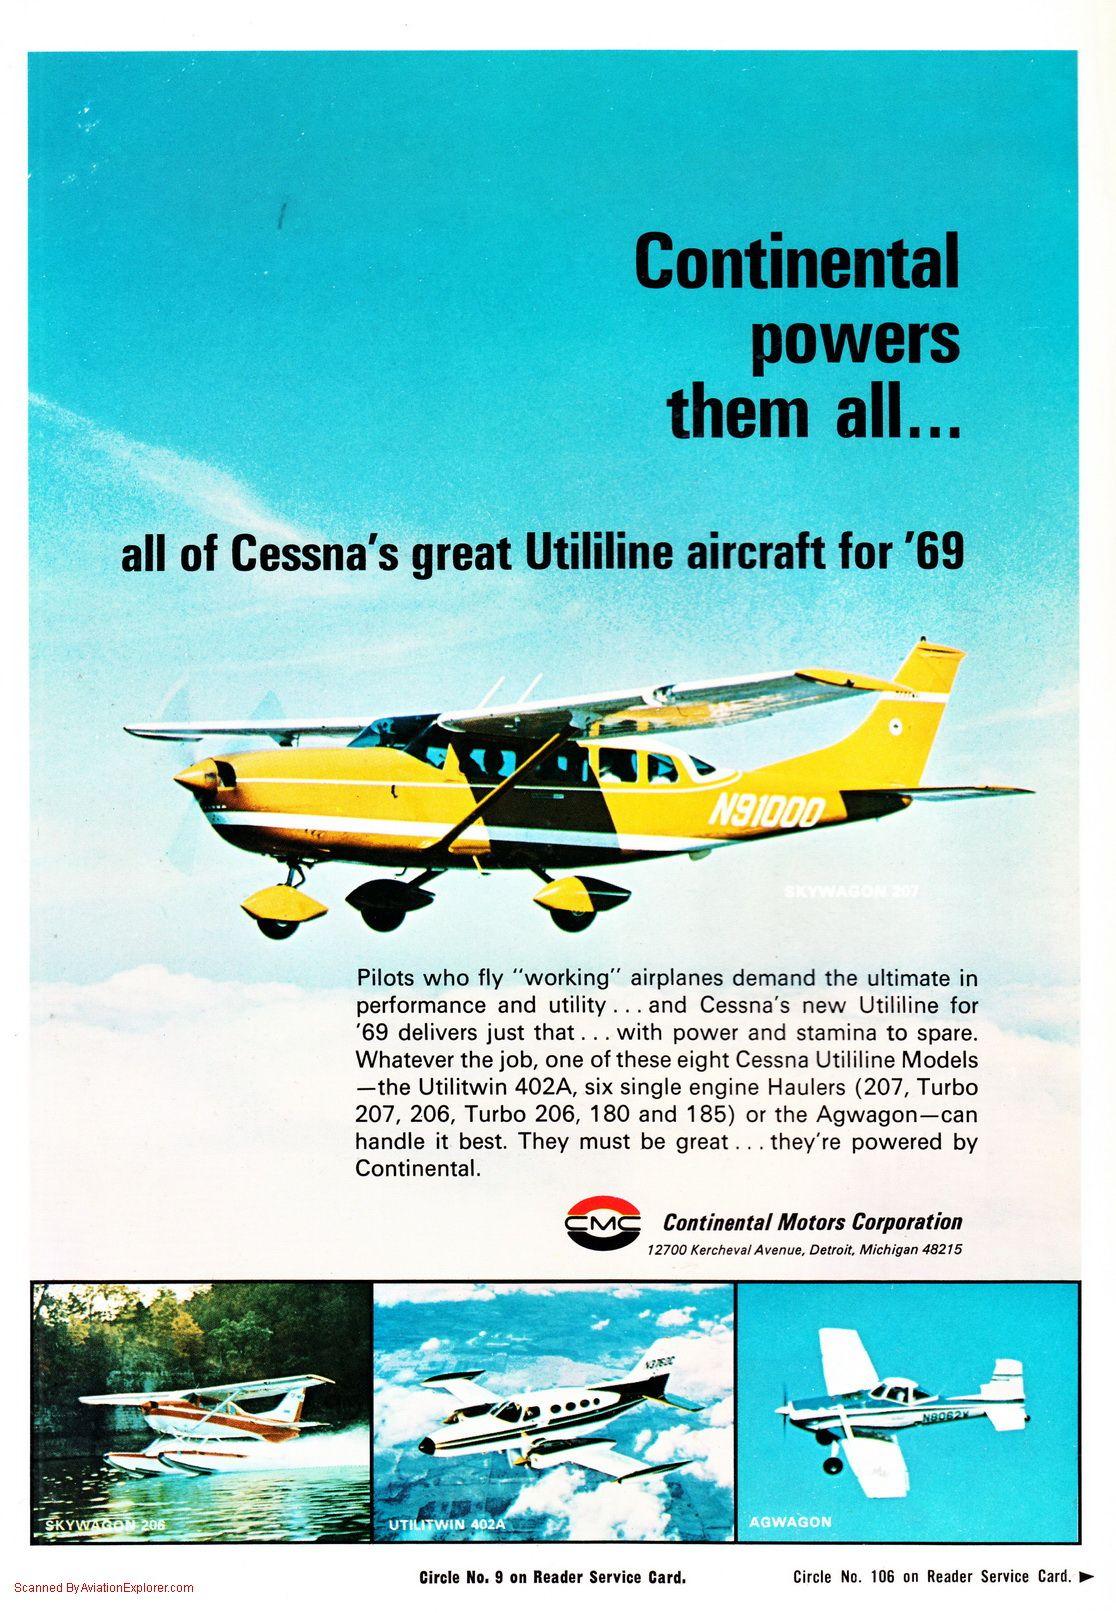 Continental Motors Division Aircraft Engines Vintage Aircraft Vintage Airlines Vintage Aviation